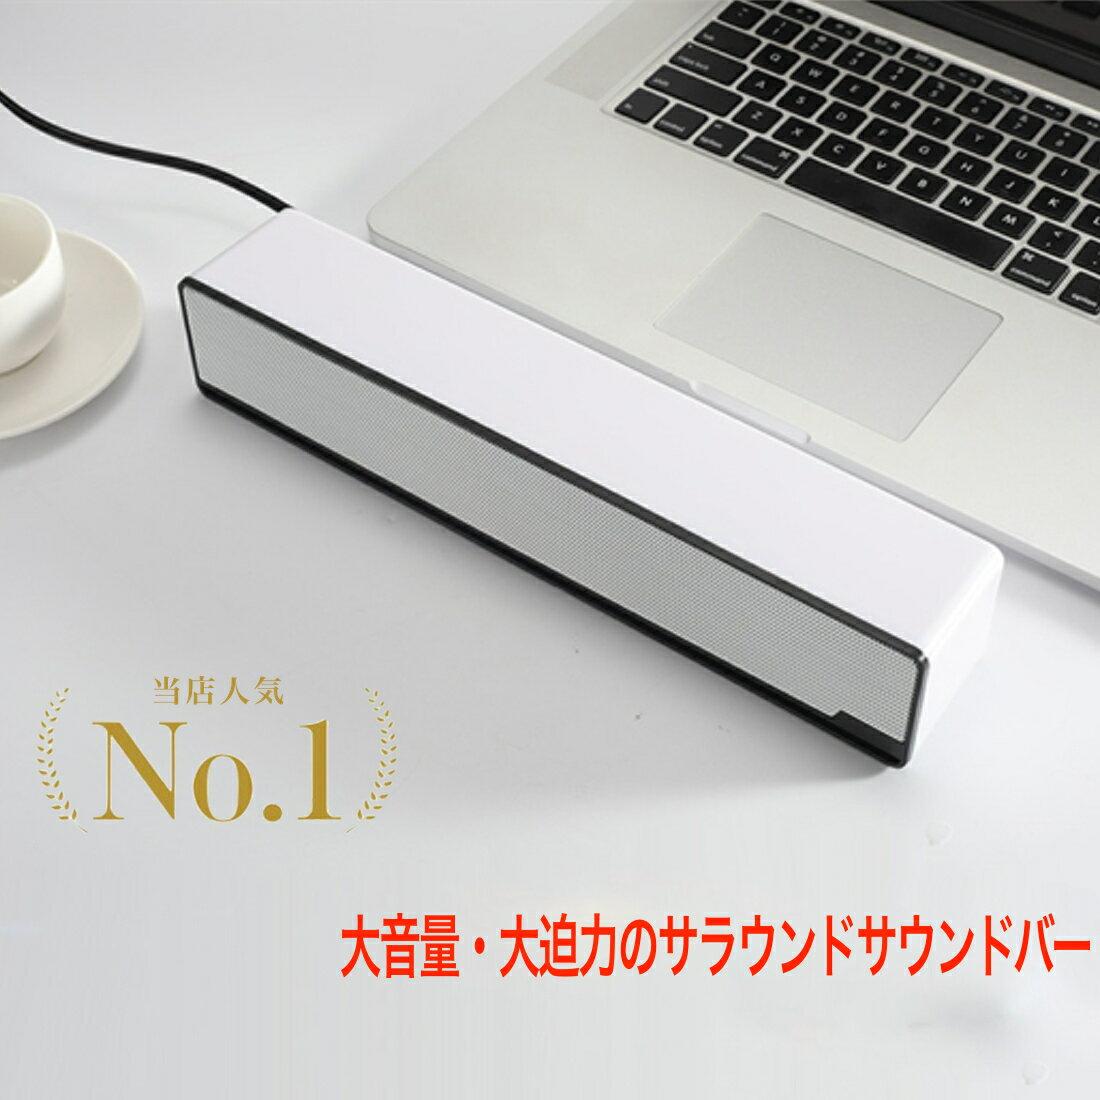 PCスピーカー サウンドバー テレビ iPhone スマホ スピーカー 2.1ch TV 後付 有線 USB サウンド PC パソコン 大音量 高音質 おしゃれ